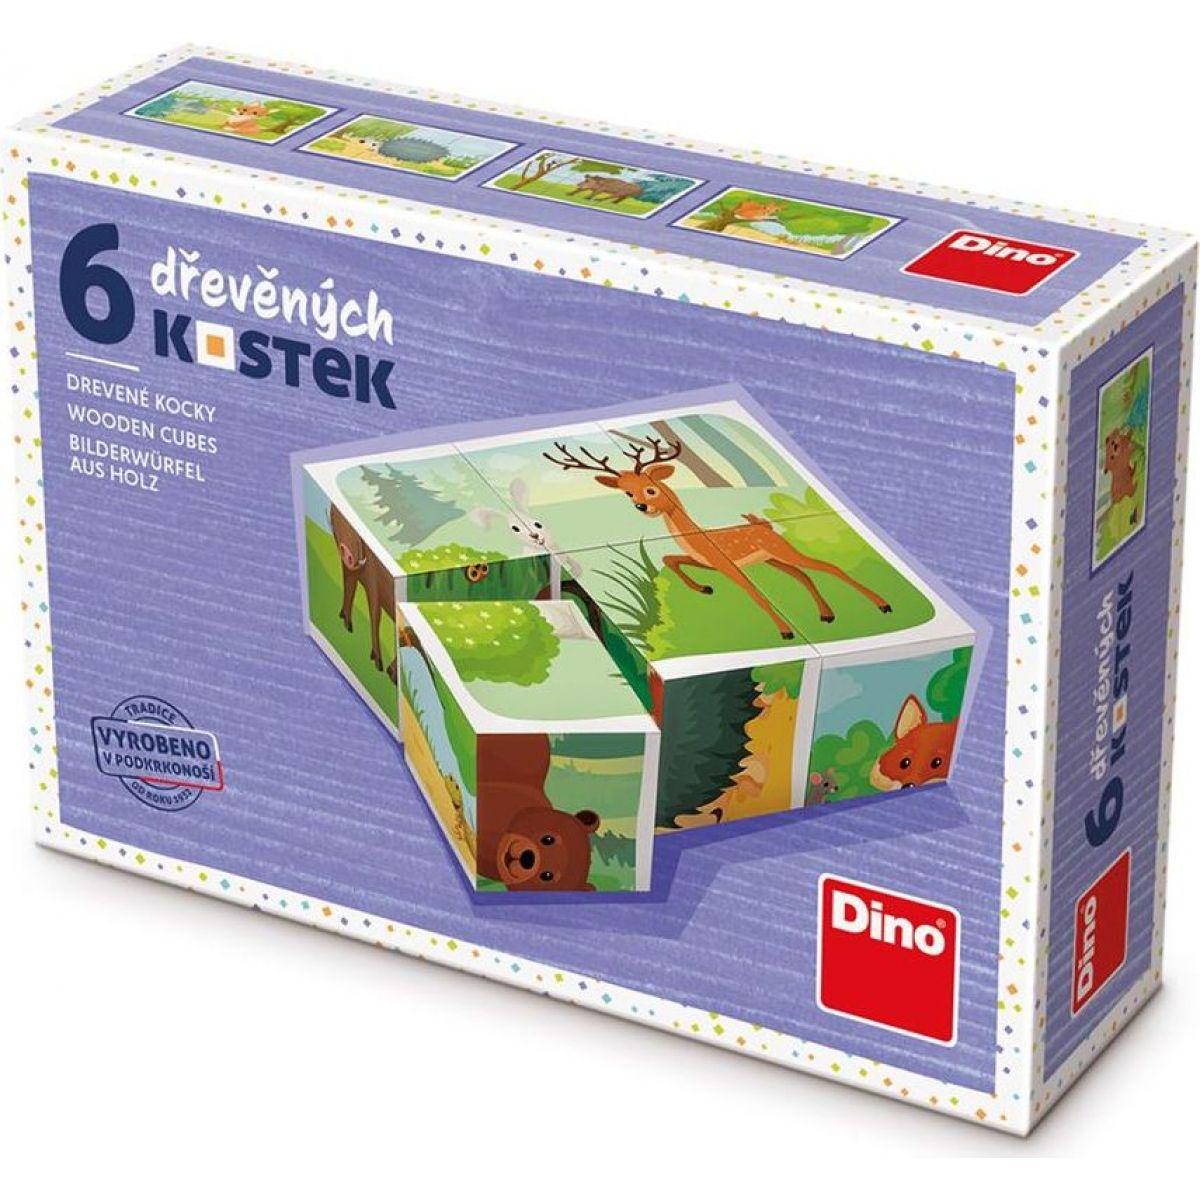 Dino Lesné zvieratká 6 drevené kocky